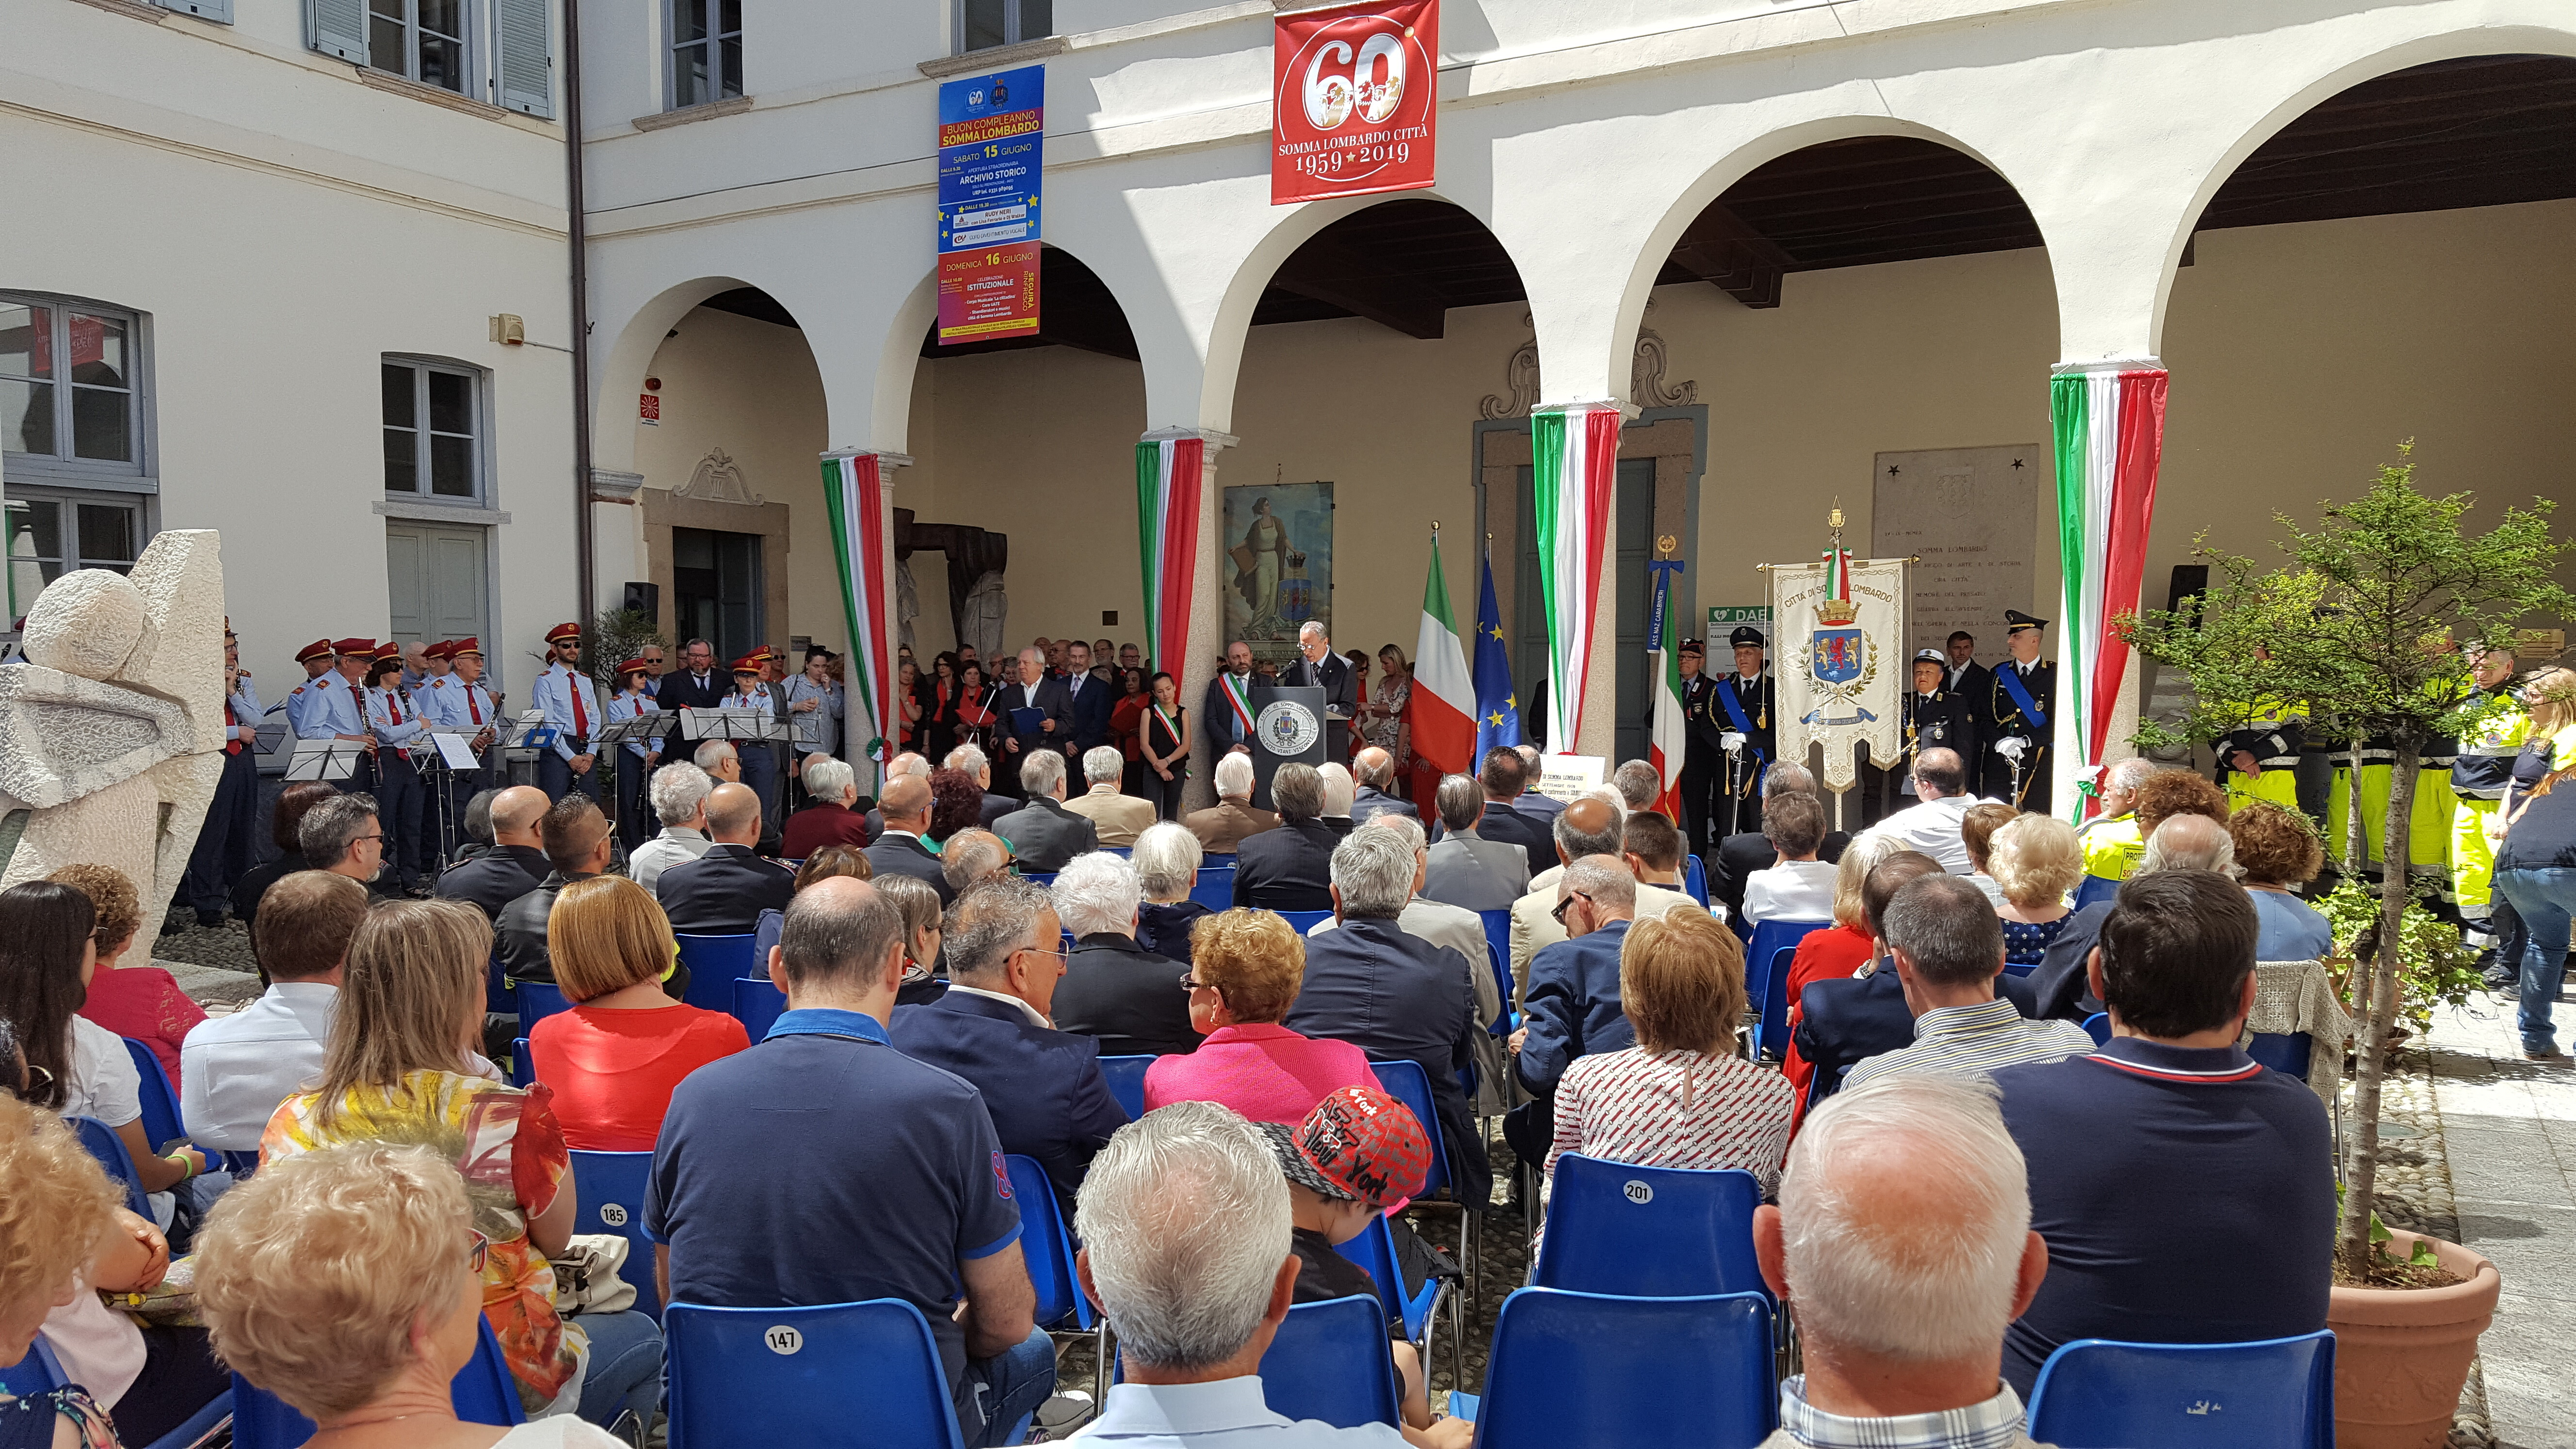 """""""Excelsum est aliis ministrari"""", il discorso del Sindaco per i 60 anni di Somma Lombardo città"""